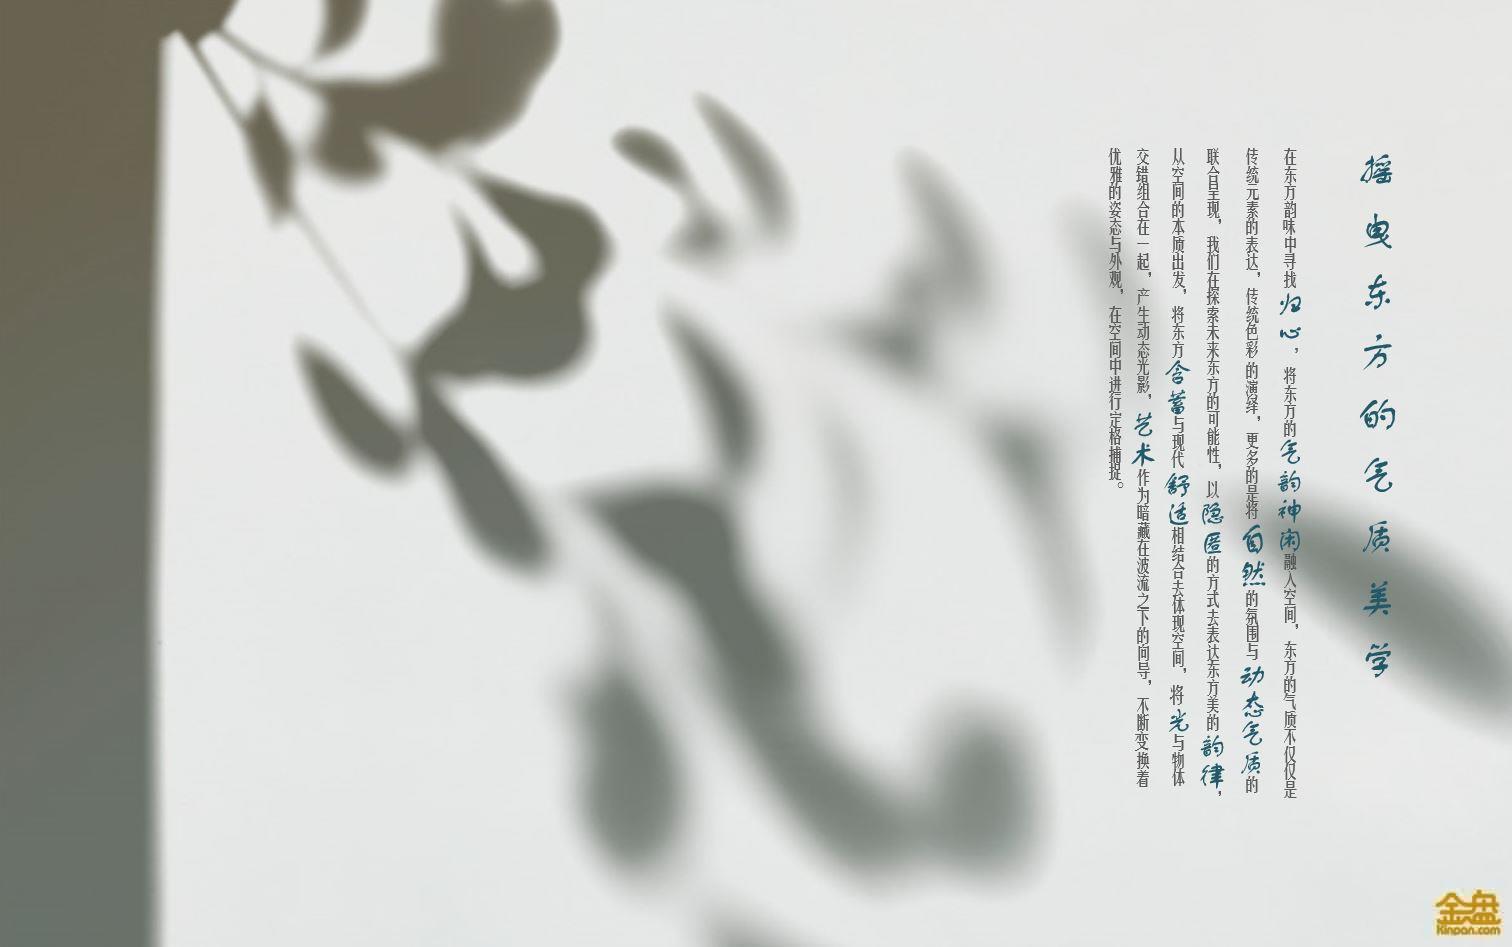 璀璨滨江-主题图.JPG